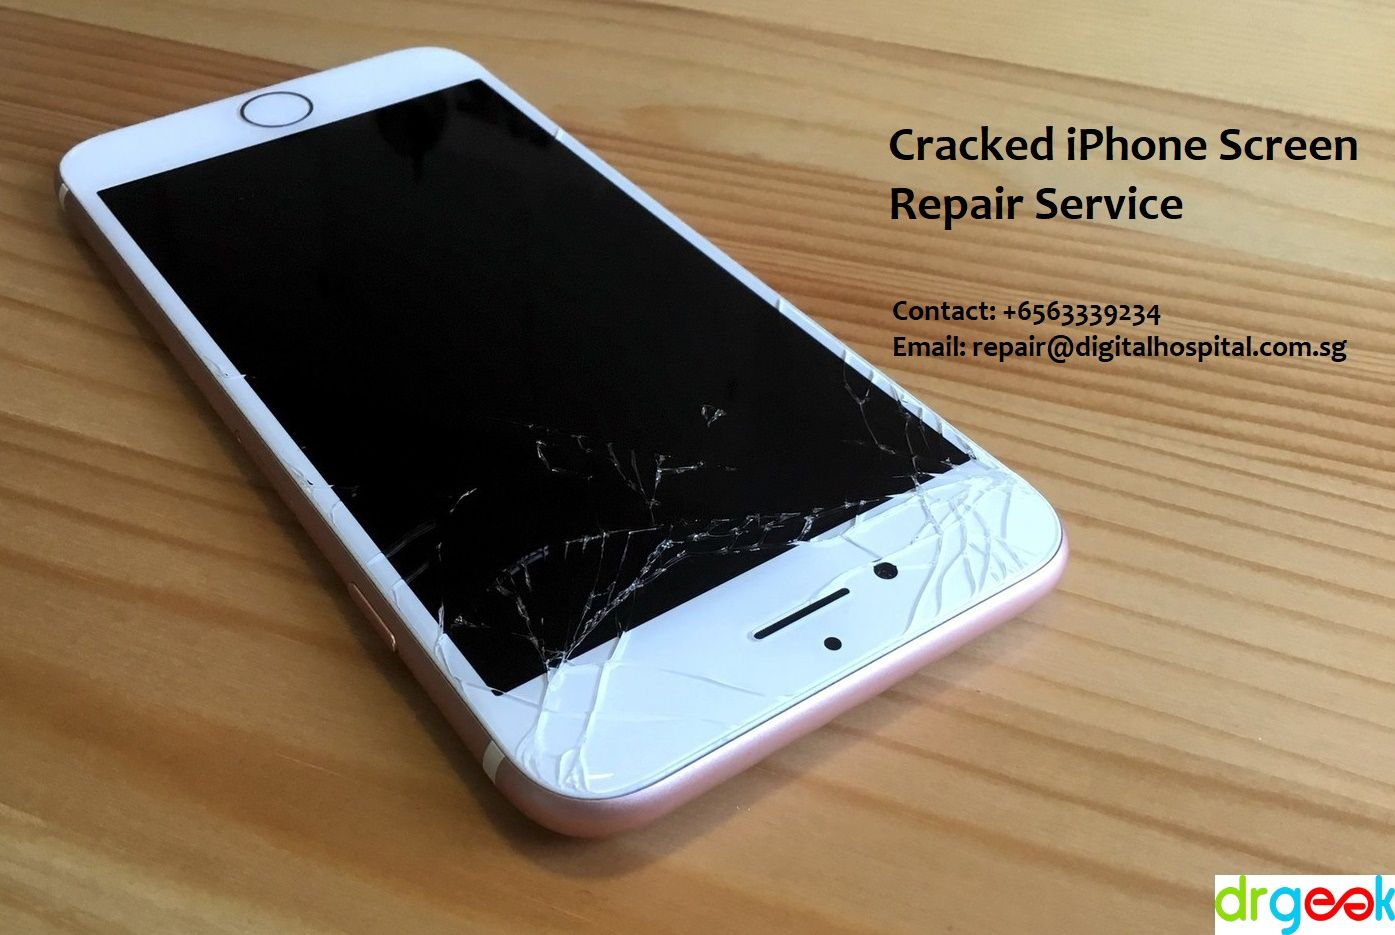 Cheap iphone screen repair service in singapore repair